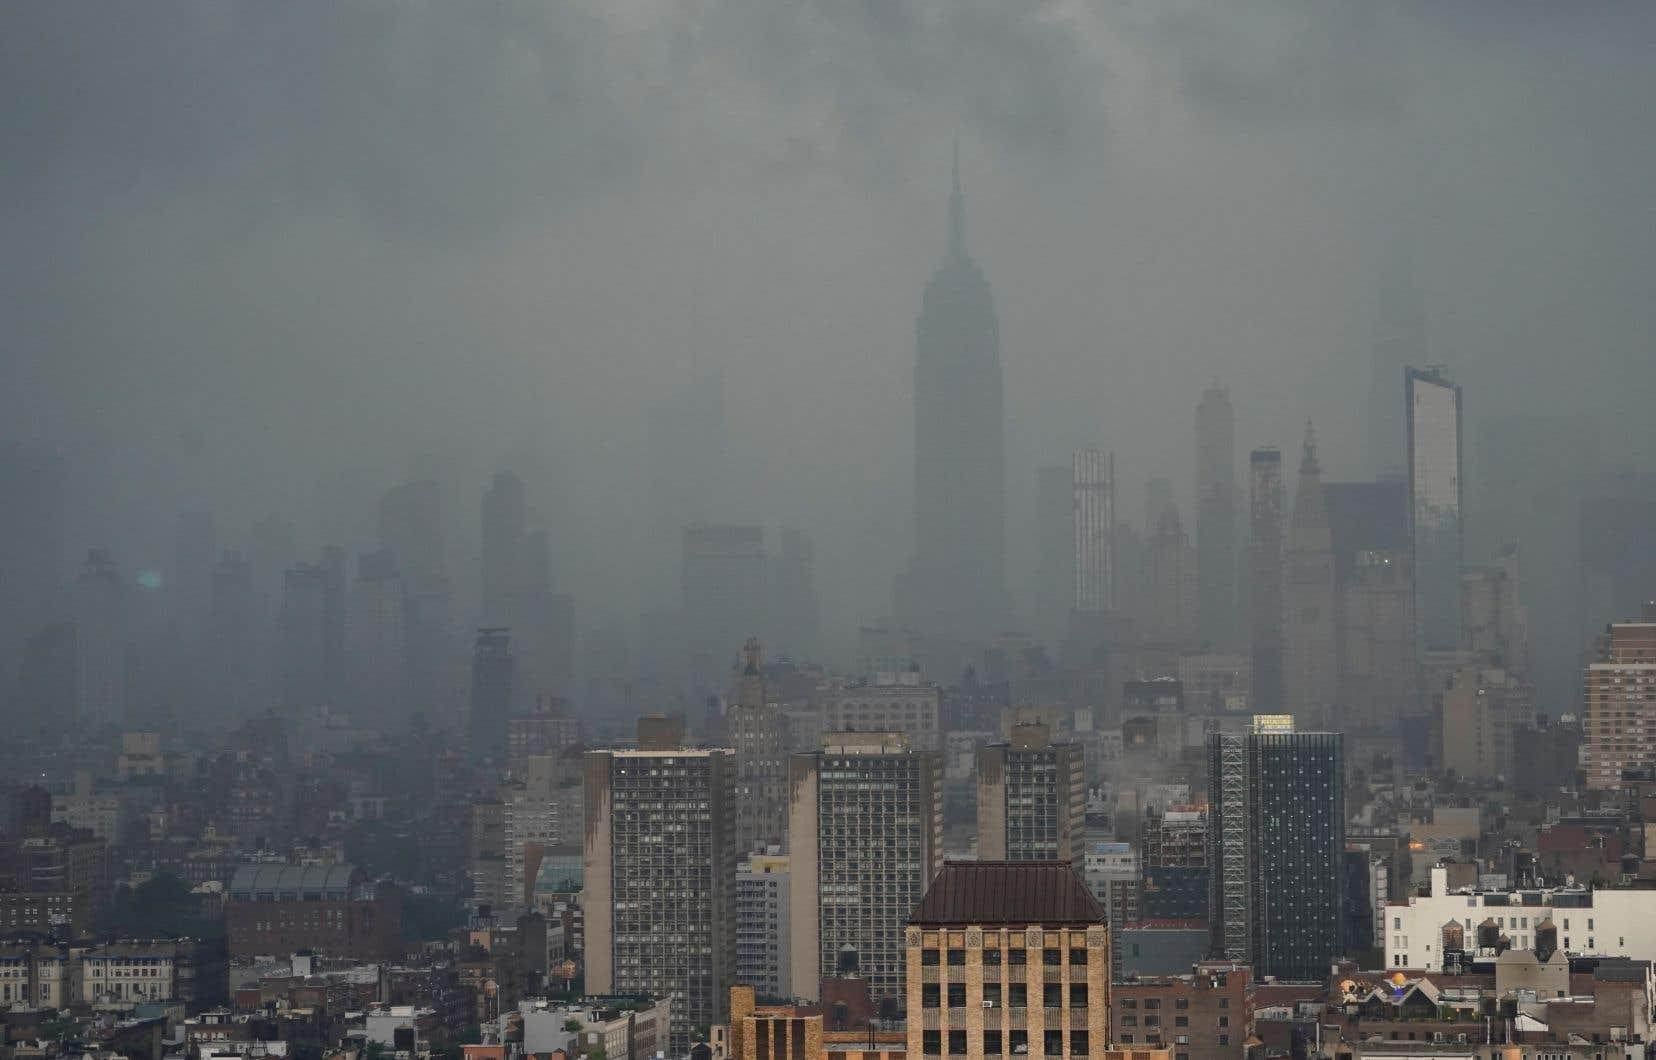 La pluie s'abat sur New York alors que la tempête tropicale «Elsa» se déplace vers le nord-est entraînant de fortes averses et des avertissements de crues soudaines.